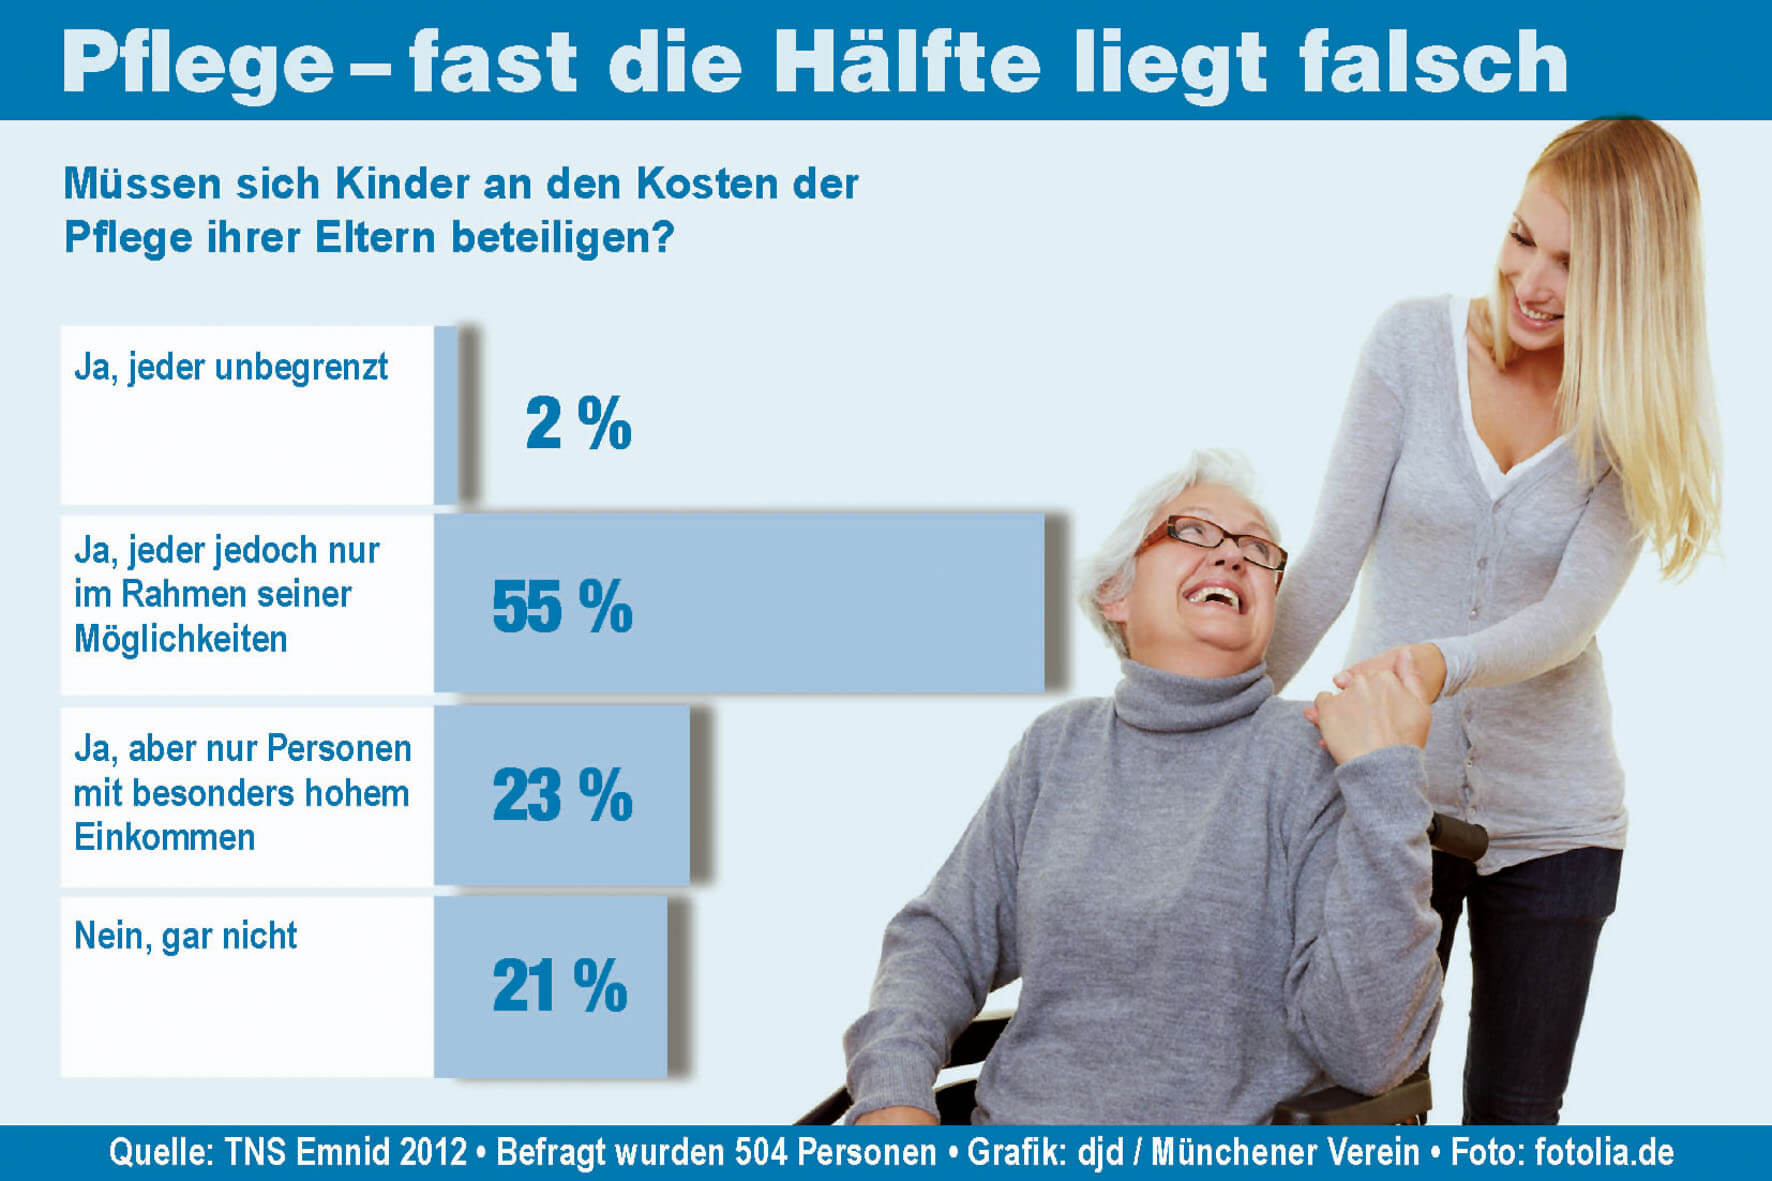 Dass Kinder sich an den Kosten für die Pflege ihrer Eltern beteiligen müssen, wird von vielen falsch eingeschätzt. Foto: djd/www.deutsche-privat-pflege.de